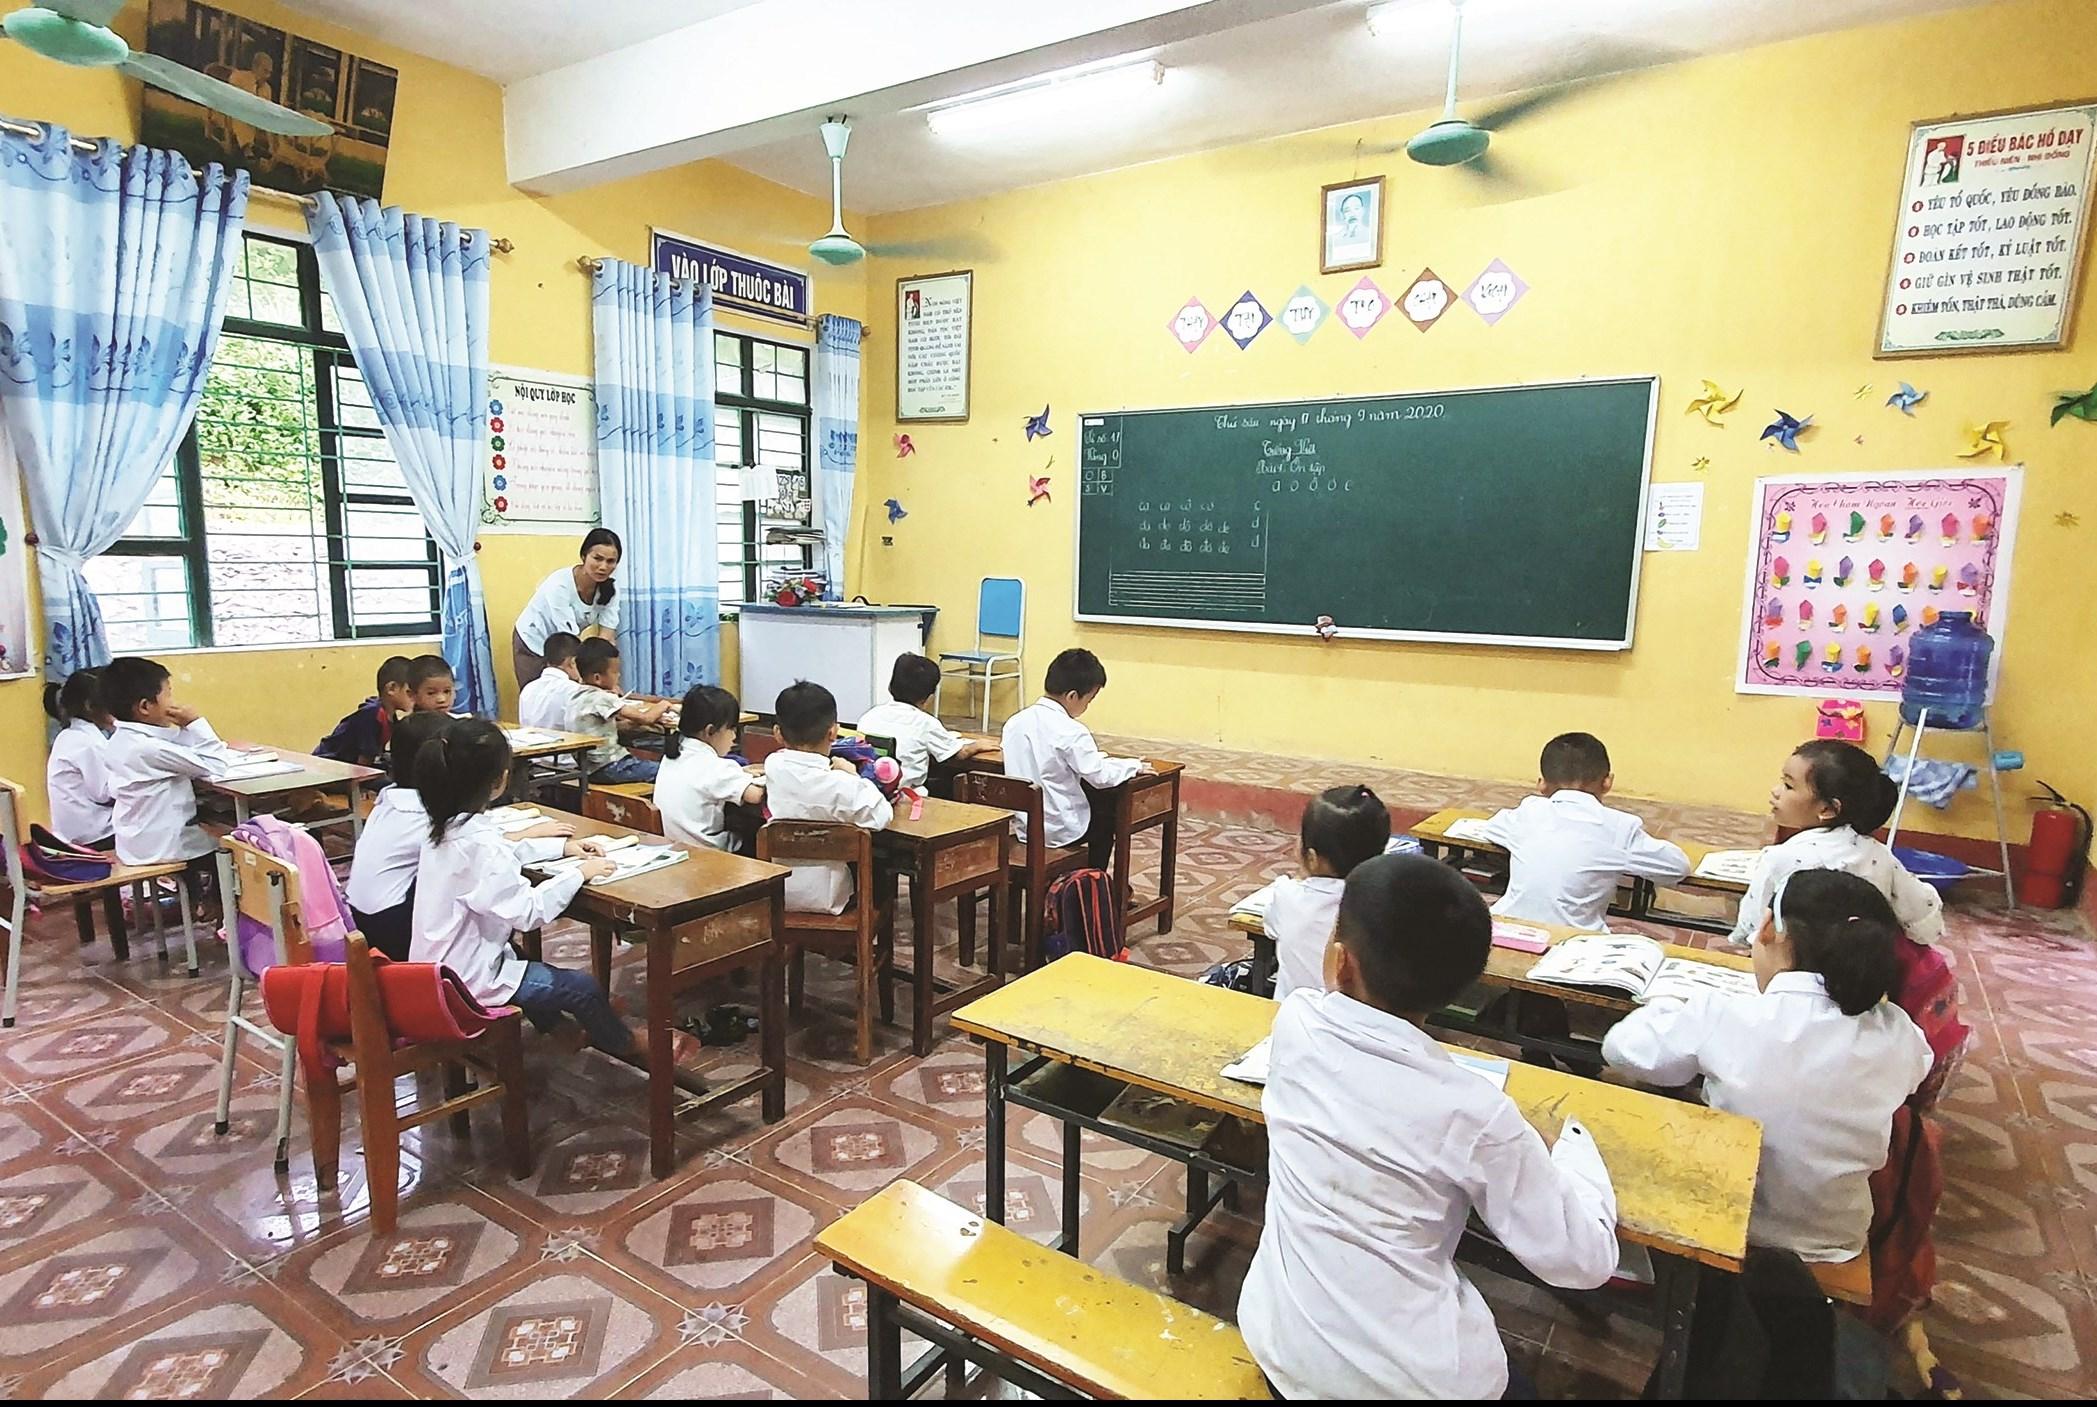 Thiếu đồ dùng học tập cho trẻ lớp 1 diễn ra phổ biến ở miền núi Thanh Hóa. (Trong ảnh: Một giờ học của HS lớp 1-Trường Tiểu học Trung Thượng, huyện Quan Sơn.)